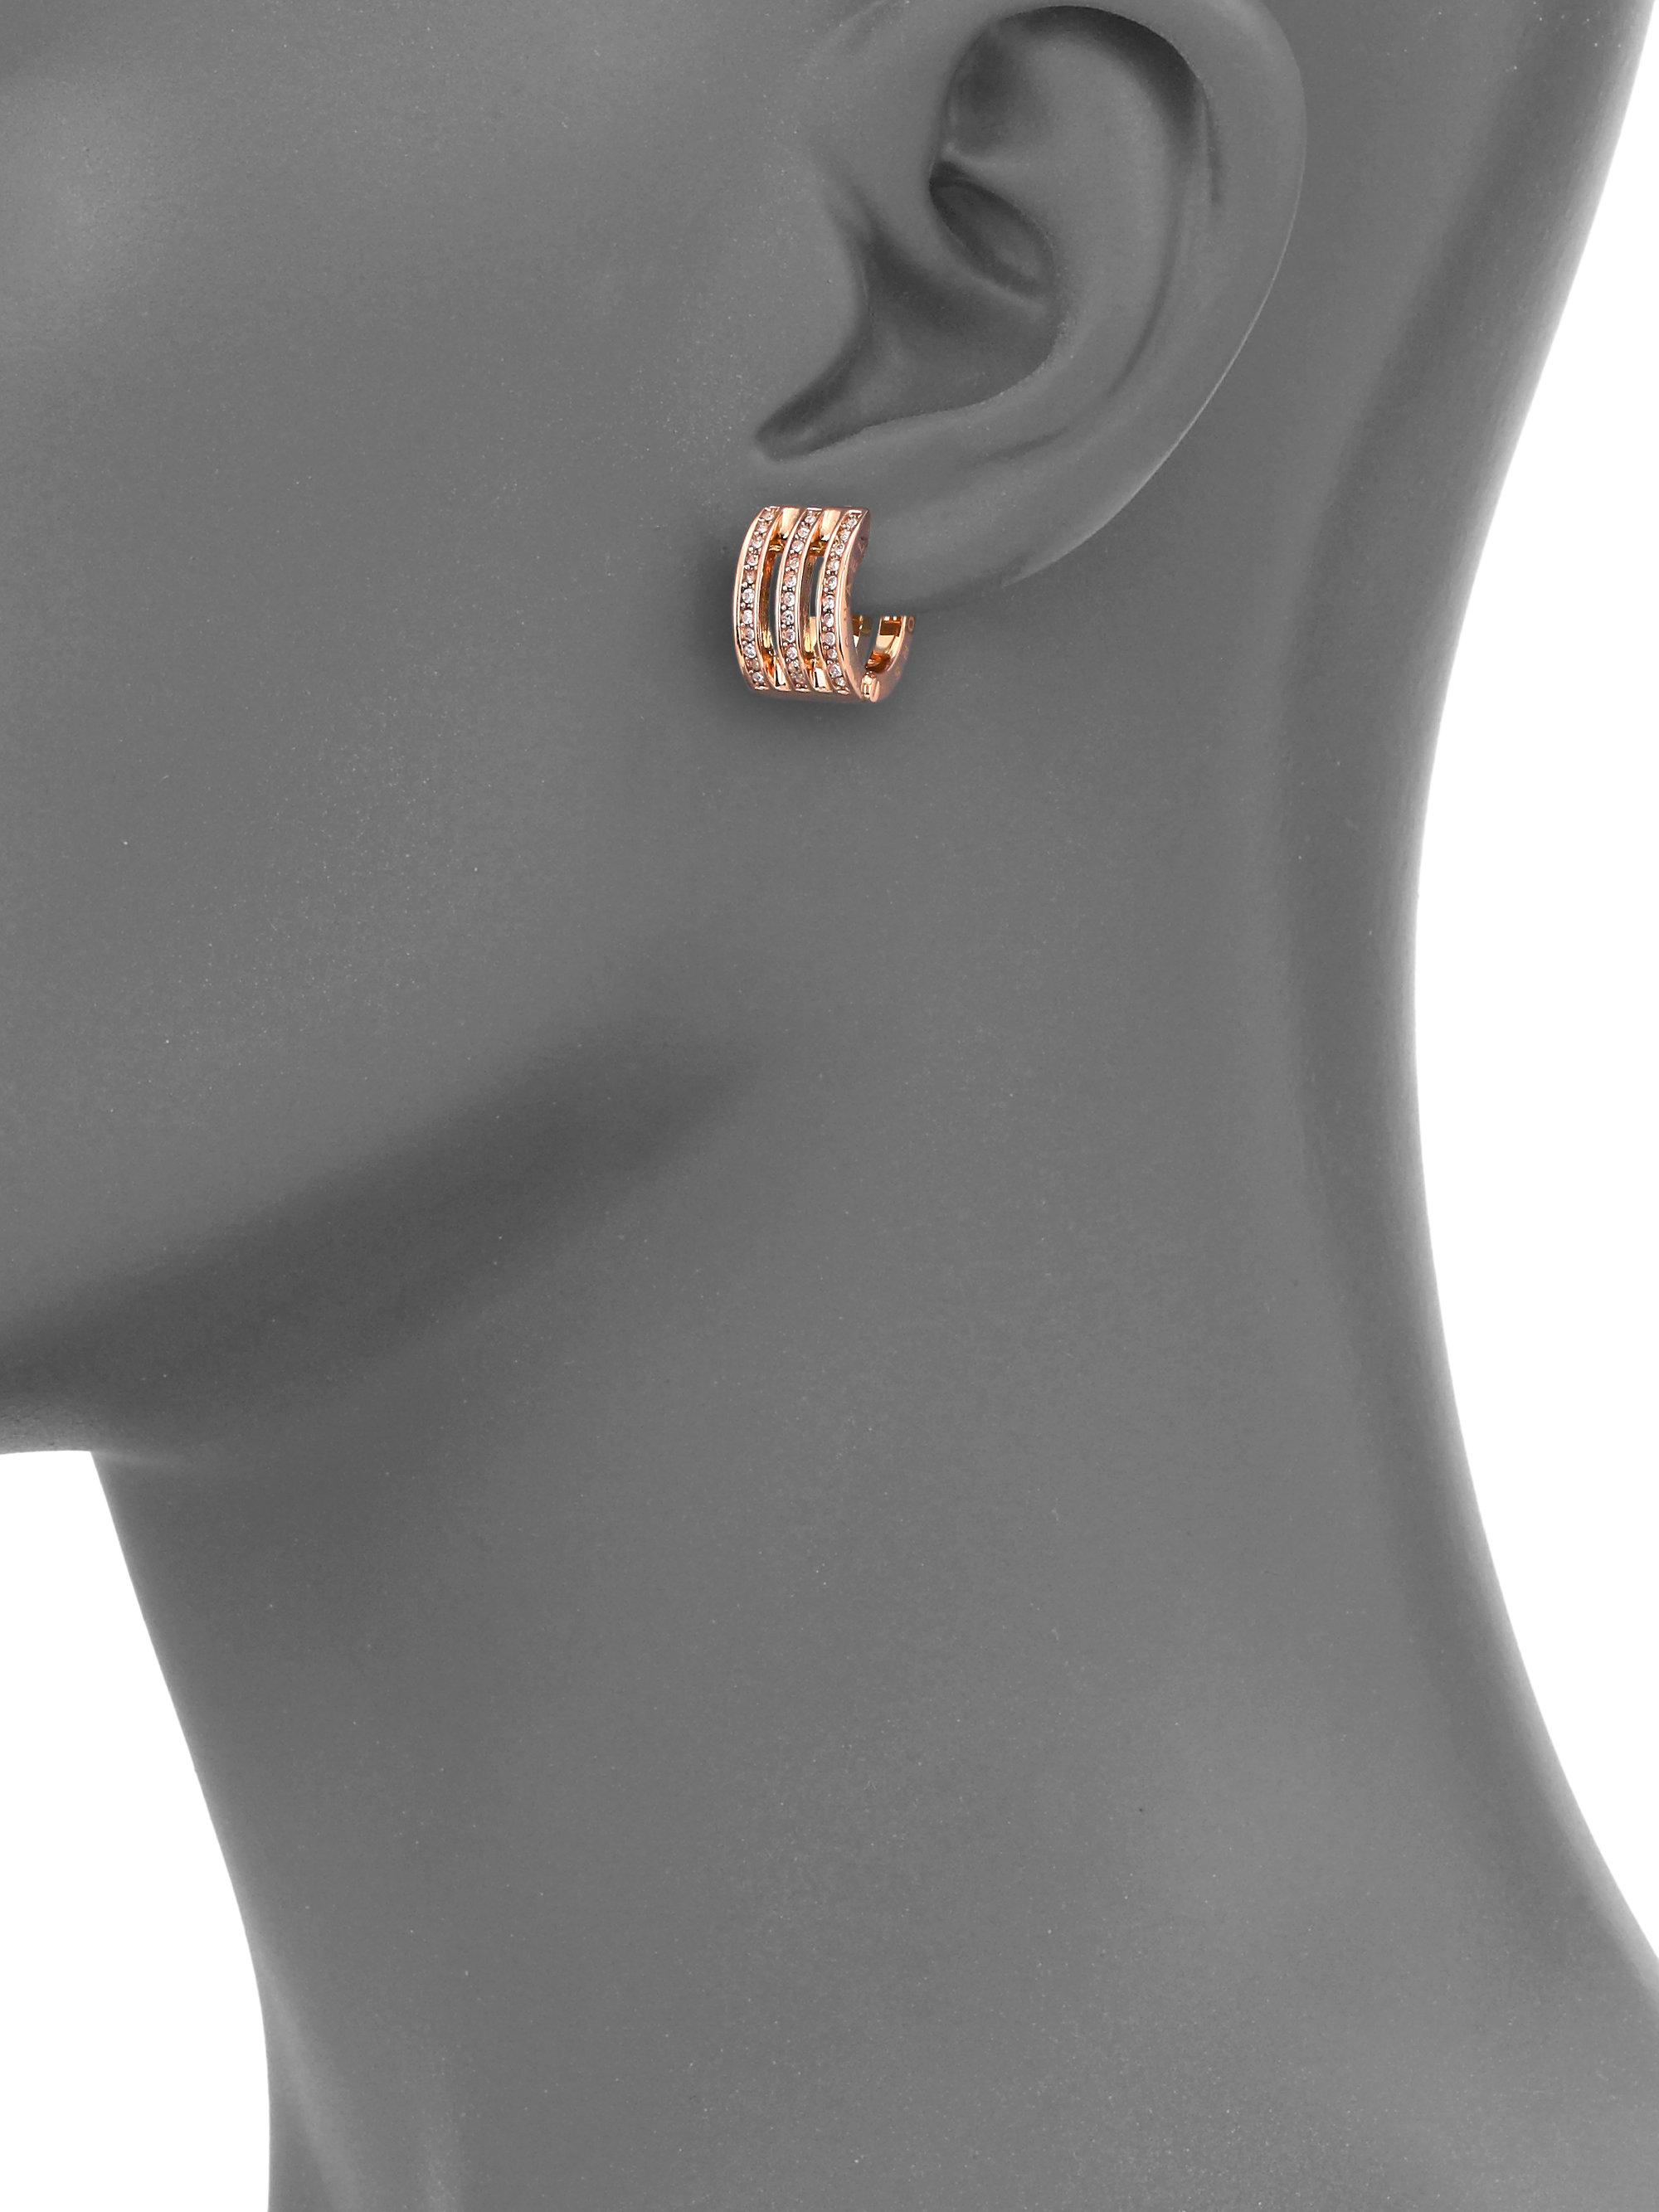 addd2b2610af78 Michael Kors Motif Pave Bar Rose Goldtone Huggie Hoop Earrings/0.35 ...